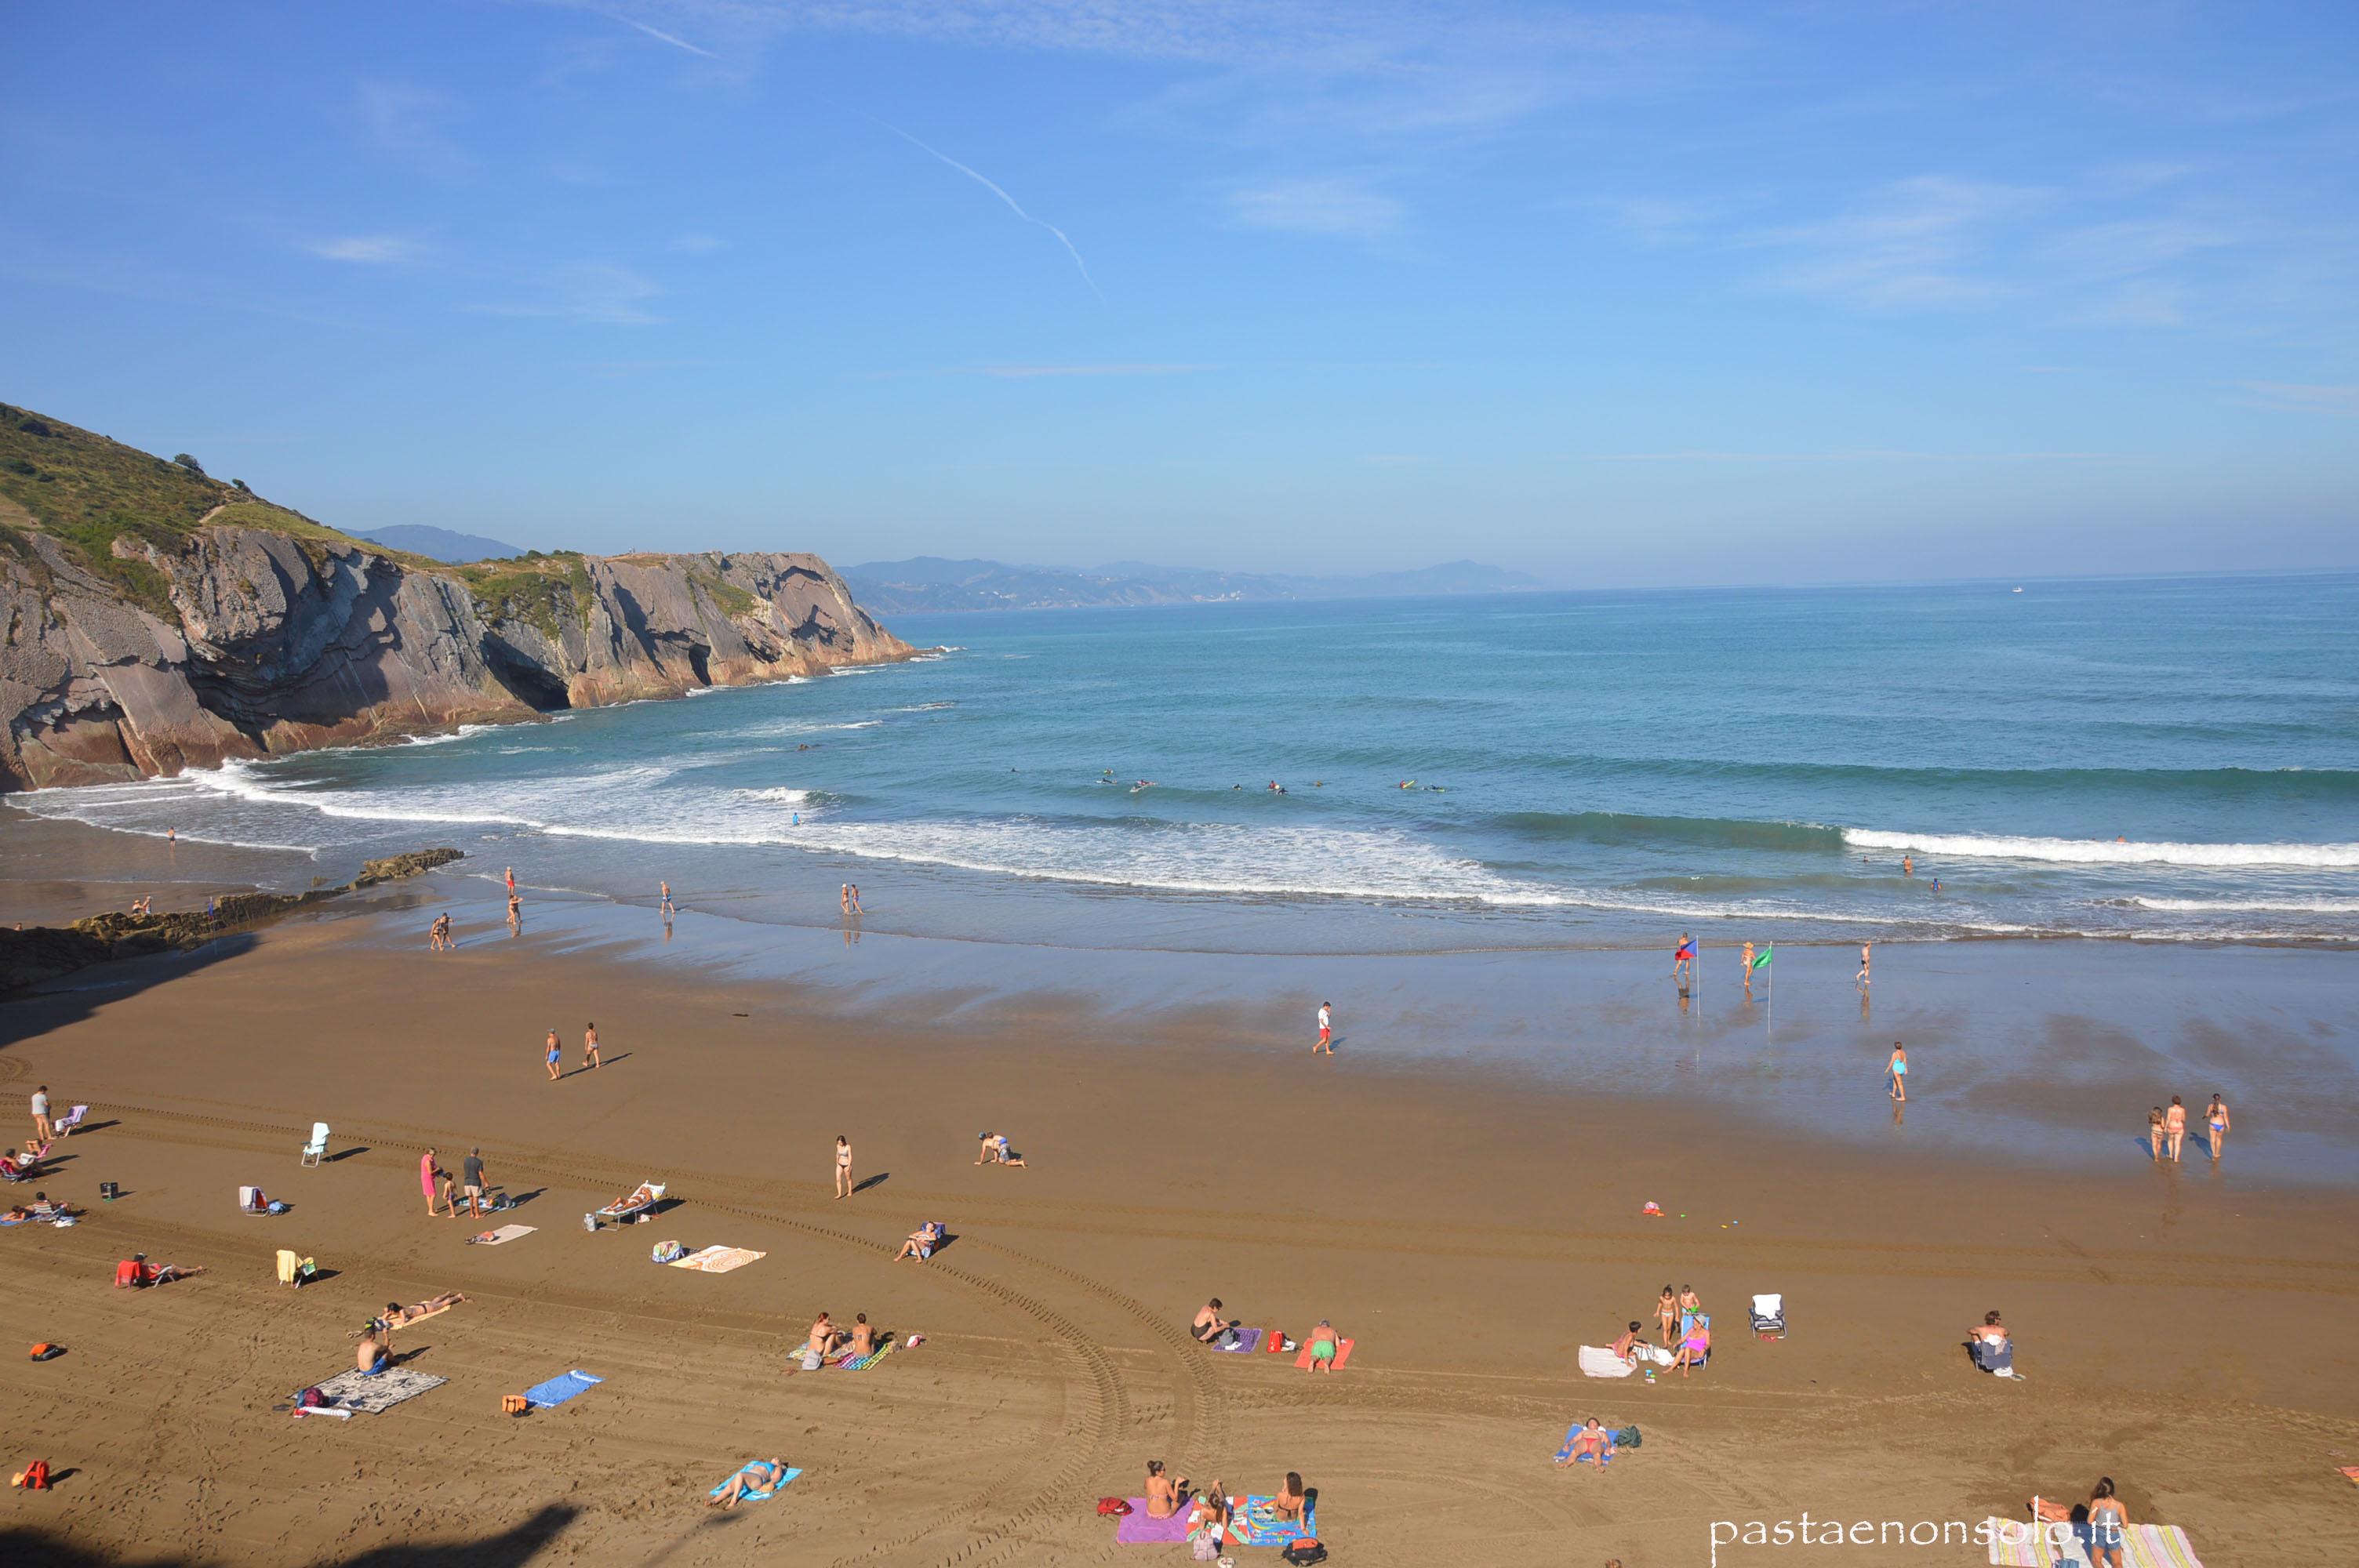 vacanza in Spagna: Santander, San Sebastian, Bilbao seconda parte